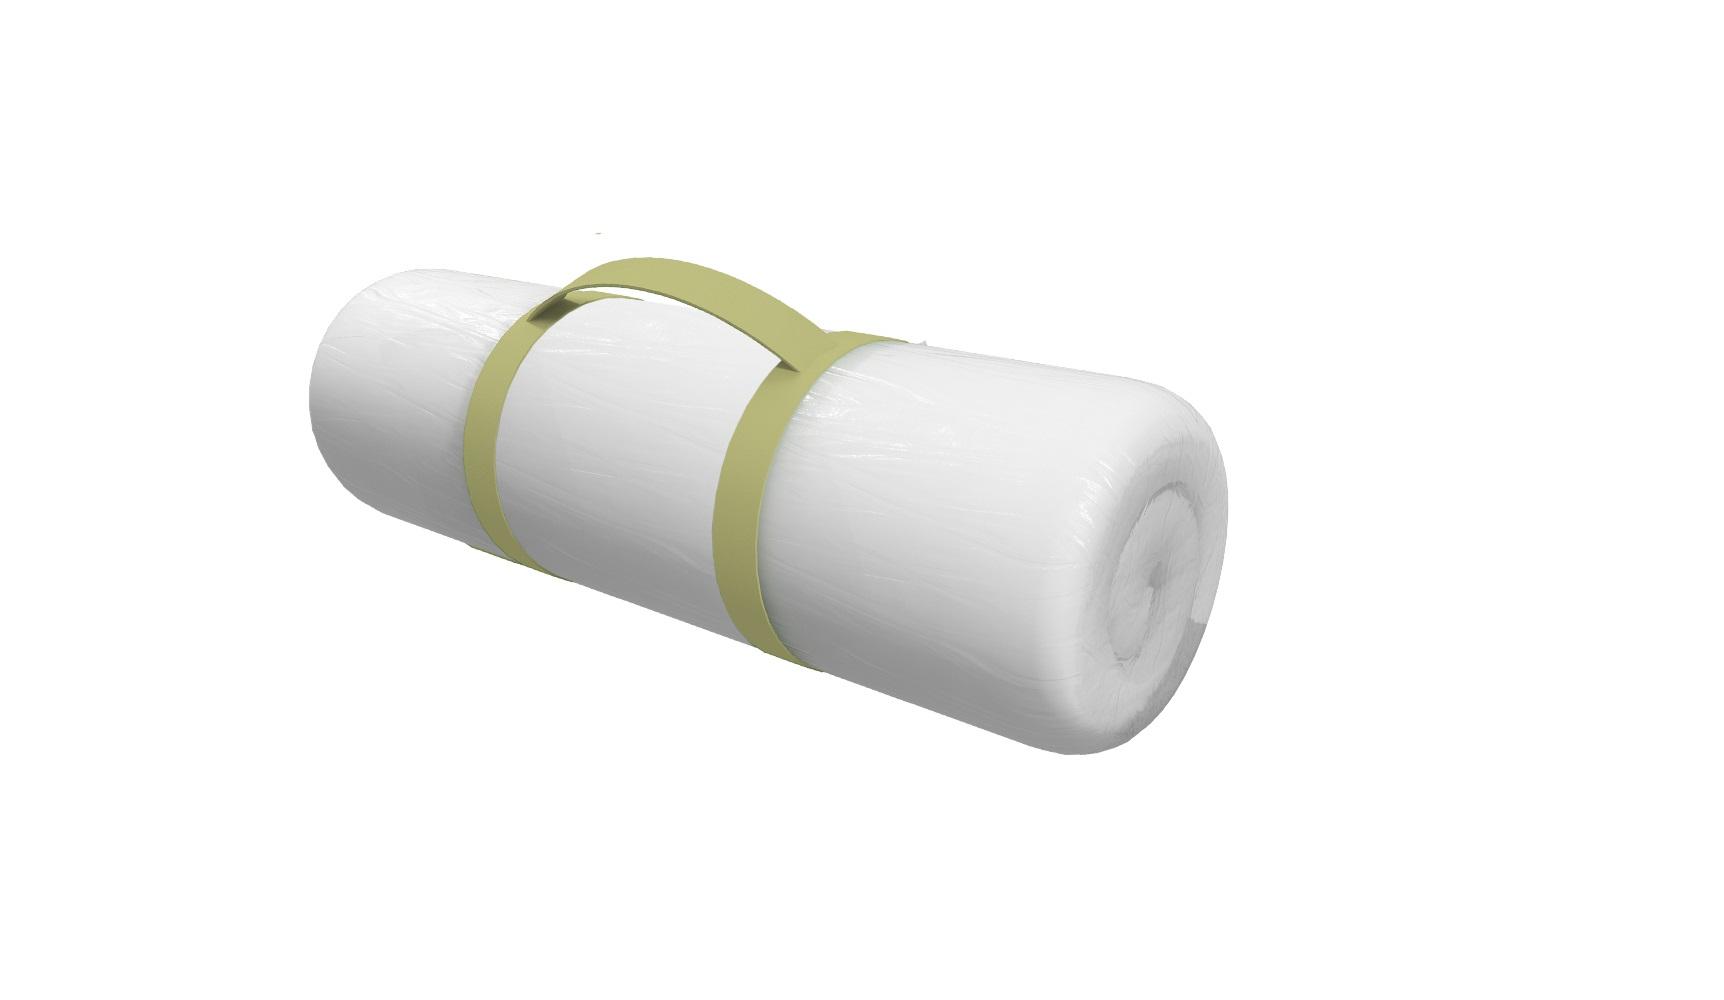 Матрас ASKONA COMPACT HIT 120*200Беспружинные полутороспальные матрасы<br>&amp;lt;div&amp;gt;&amp;lt;div&amp;gt;Такой полутораспальный матрас состоит из единого блока ортопедической пены OrtoFoam. Этот уникальный материал ? искусственный латекс, очень эластичный, износостойкий, с хорошей восстанавливающейся способностью. Он не вызывает аллергии, равномерно распределяет вес человека по всей поверхности и помогает расслабиться. Чехол сшит из хлопкового жаккарда, стеганного на пене OrtoFoam. Материал очень прочный, долговечный, он &amp;quot;дышит&amp;quot; и поддерживает температурный баланс. На нем не холодно спать зимой и не жарко летом.&amp;lt;/div&amp;gt;&amp;lt;/div&amp;gt;&amp;lt;div&amp;gt;&amp;lt;br&amp;gt;&amp;lt;/div&amp;gt;&amp;lt;div&amp;gt;Пружинный блок:Беспружинный&amp;lt;/div&amp;gt;&amp;lt;div&amp;gt;Жесткость стороны:Средняя&amp;lt;/div&amp;gt;&amp;lt;div&amp;gt;Максимальная нагрузка:до 90 кг&amp;lt;/div&amp;gt;&amp;lt;div&amp;gt;Высота:16 см.&amp;lt;/div&amp;gt;<br><br>Material: Хлопок<br>Length см: 200<br>Width см: 120<br>Height см: 16